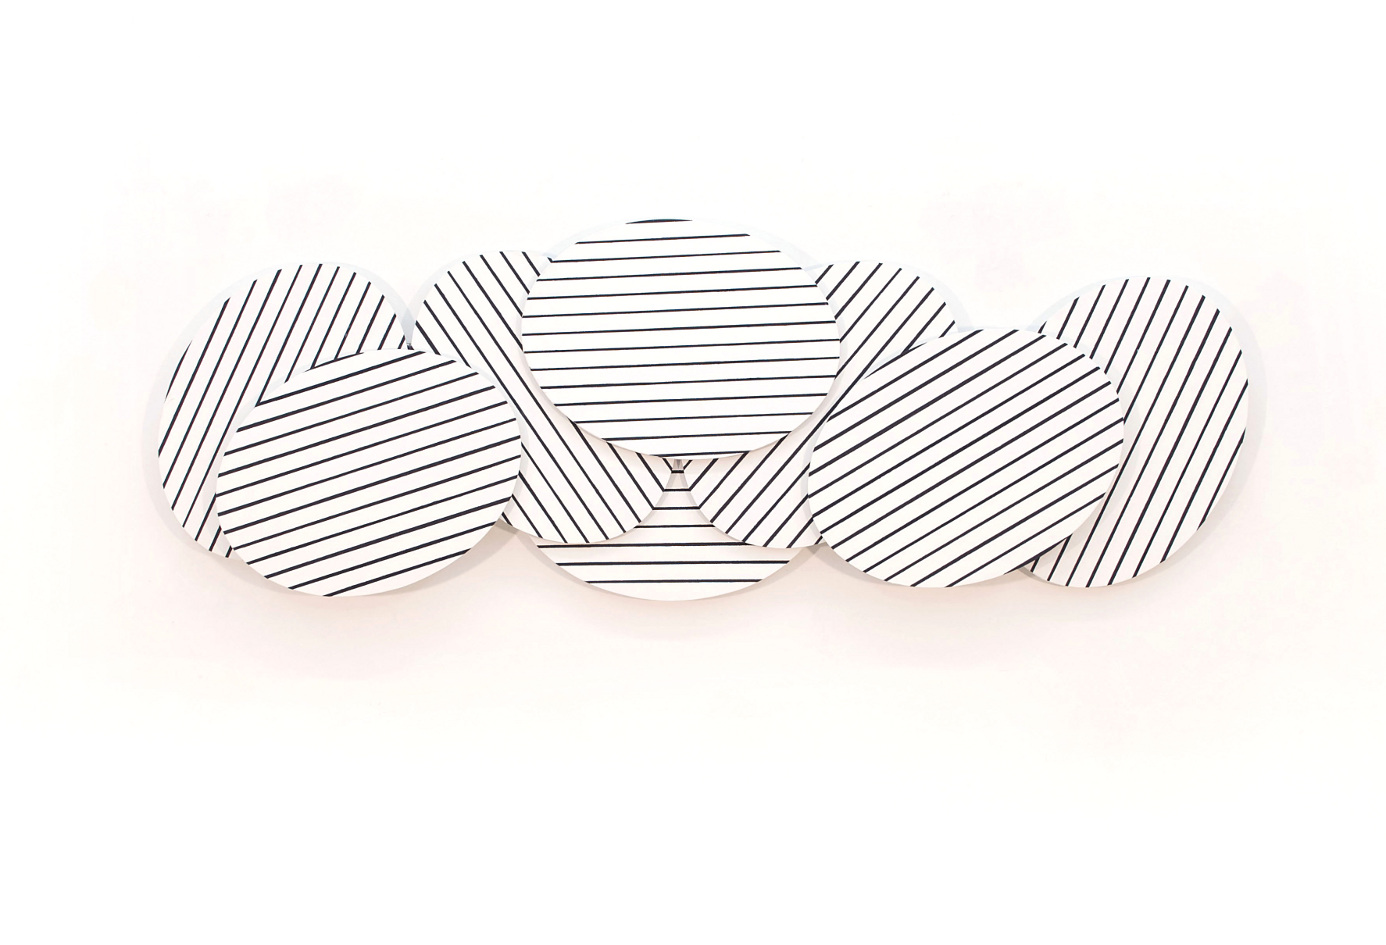 Wandobjekt, welches aus einzelnen übereinander geschichteten Ovalformen besteht